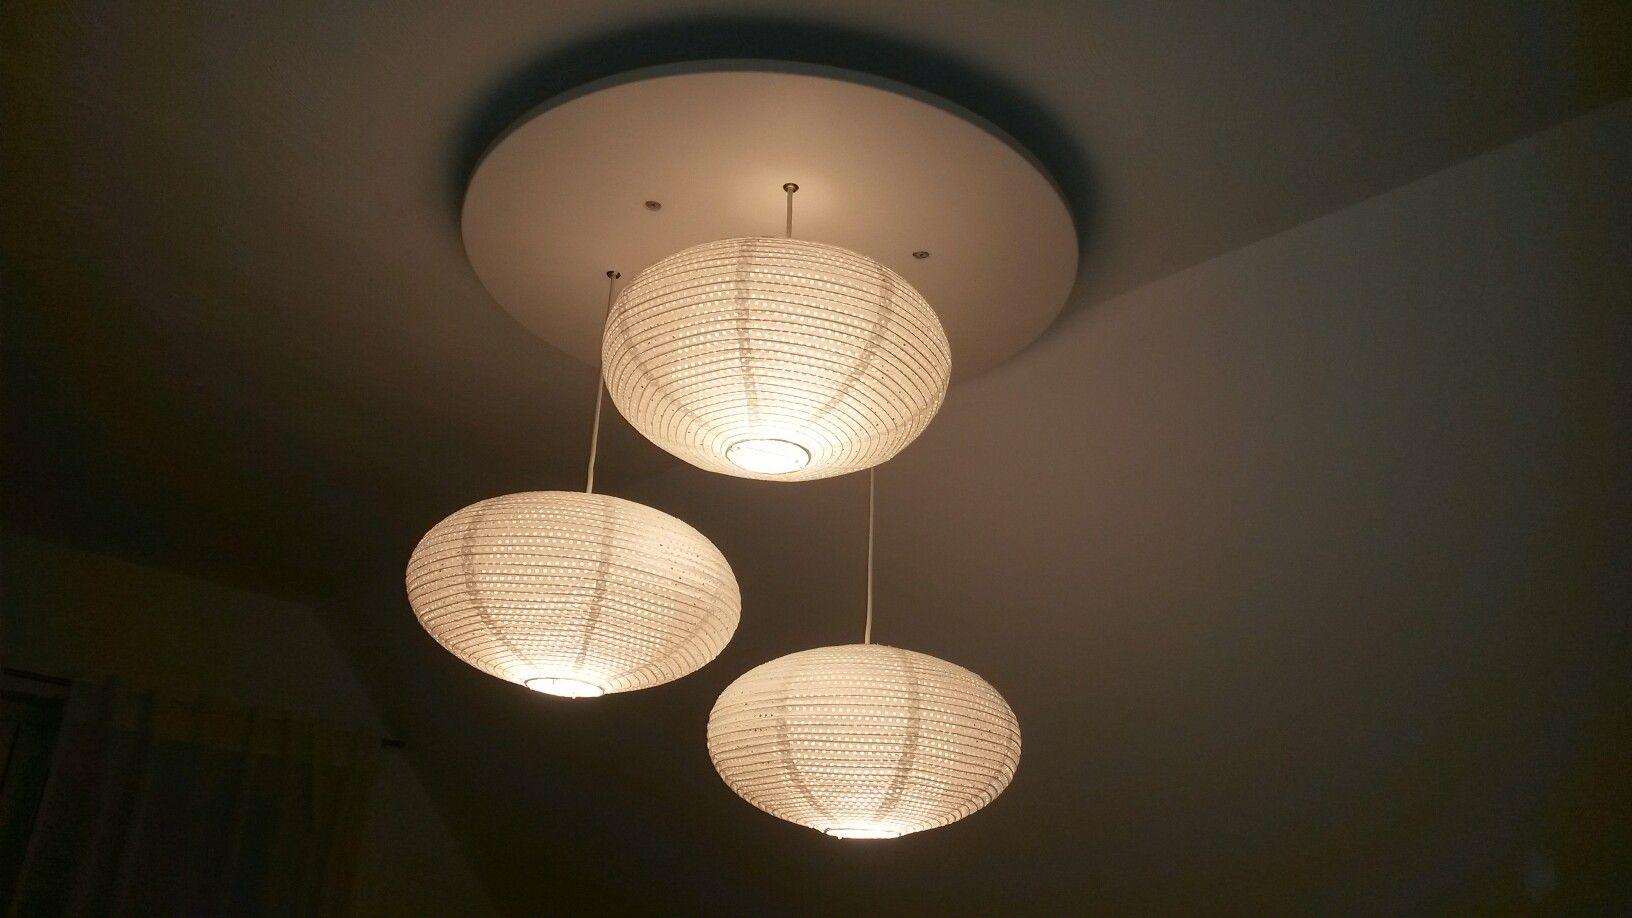 Diy Lampe Mit Ikea Solleftea Lampenschirmen Schlafzimmer Lampe Beleuchtung Ikea